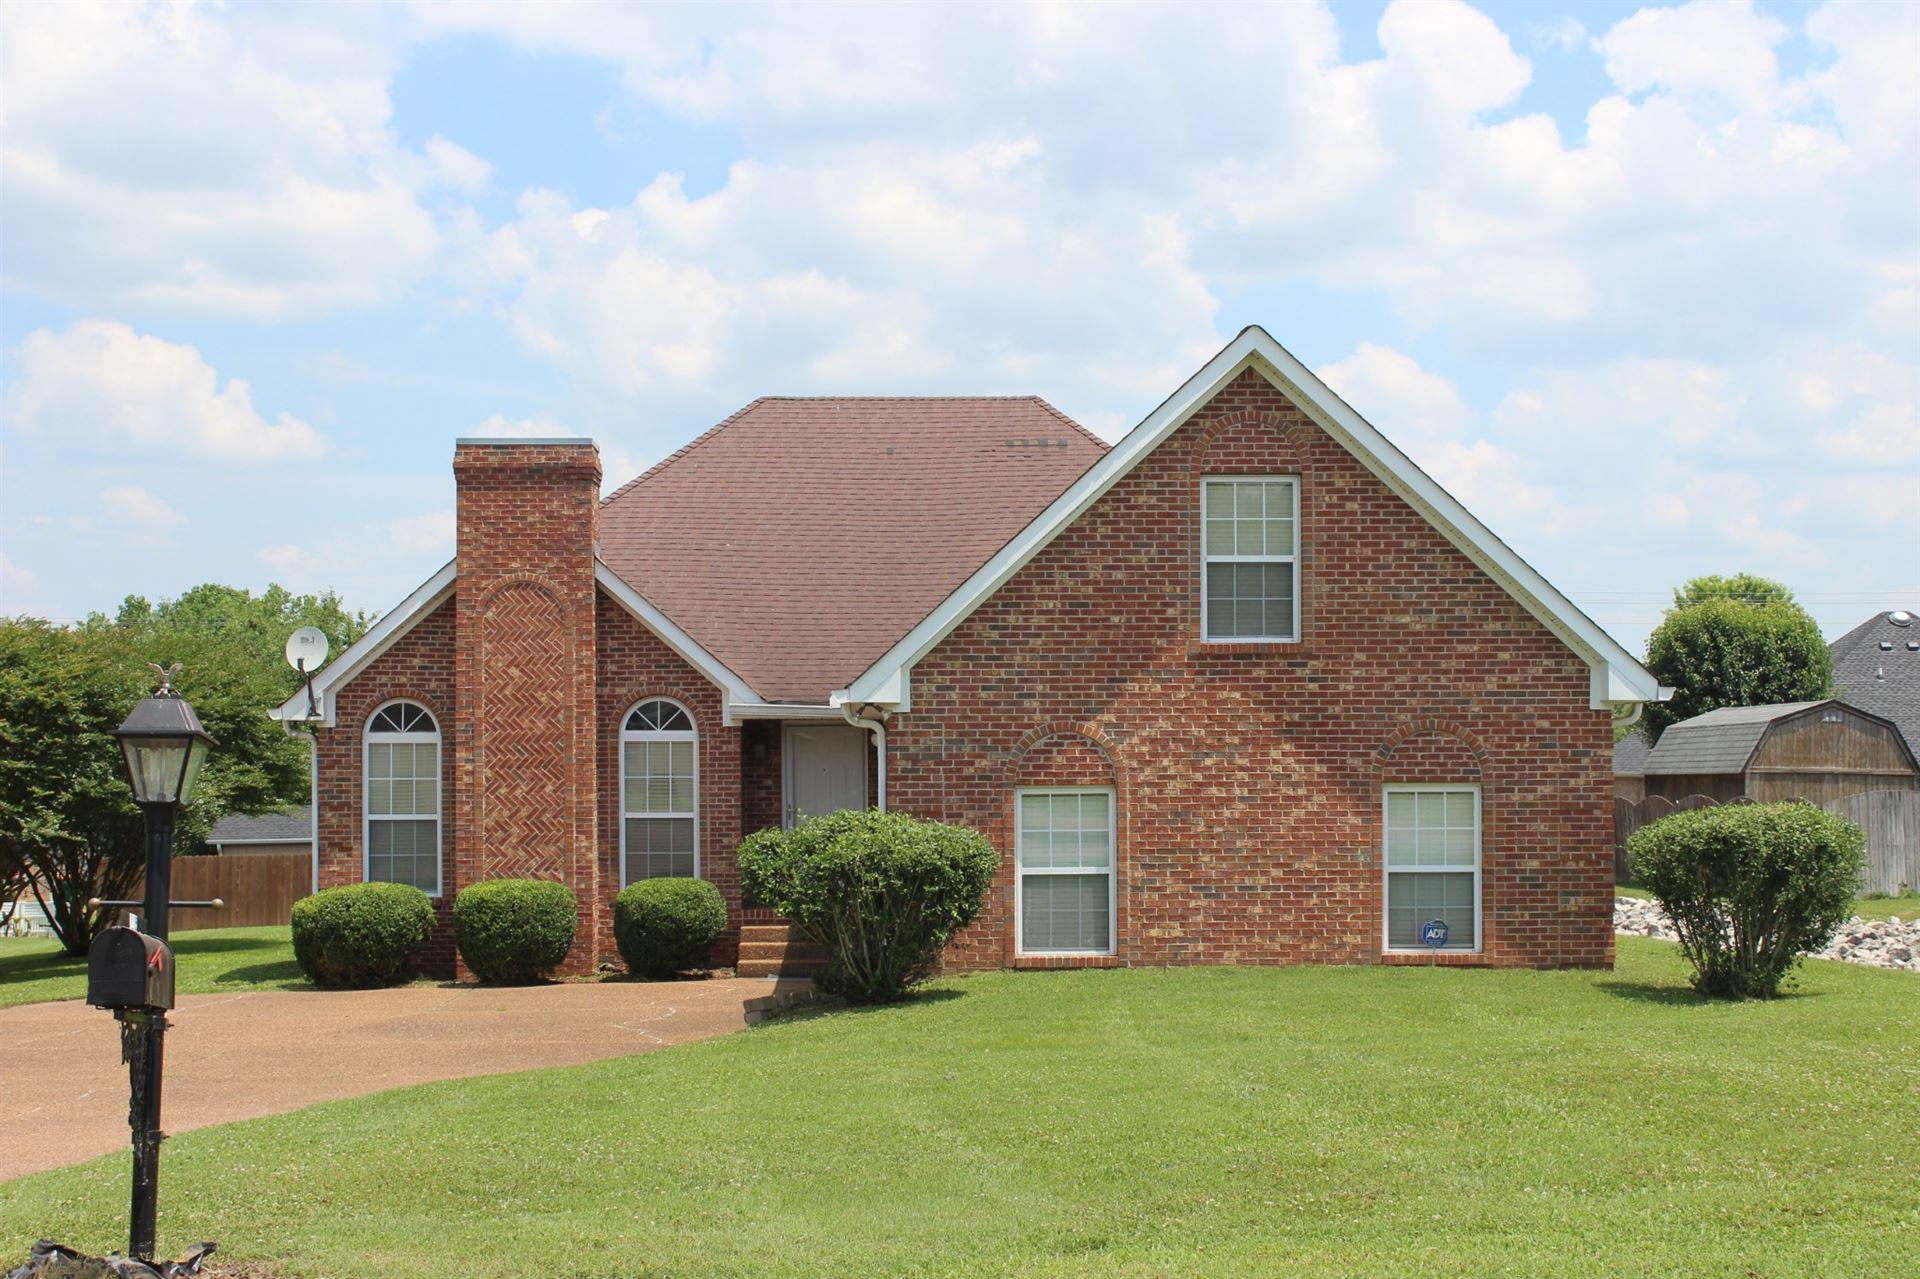 1205 Hunters Point Ln, Spring Hill, TN 37174 - MLS#: 2264007